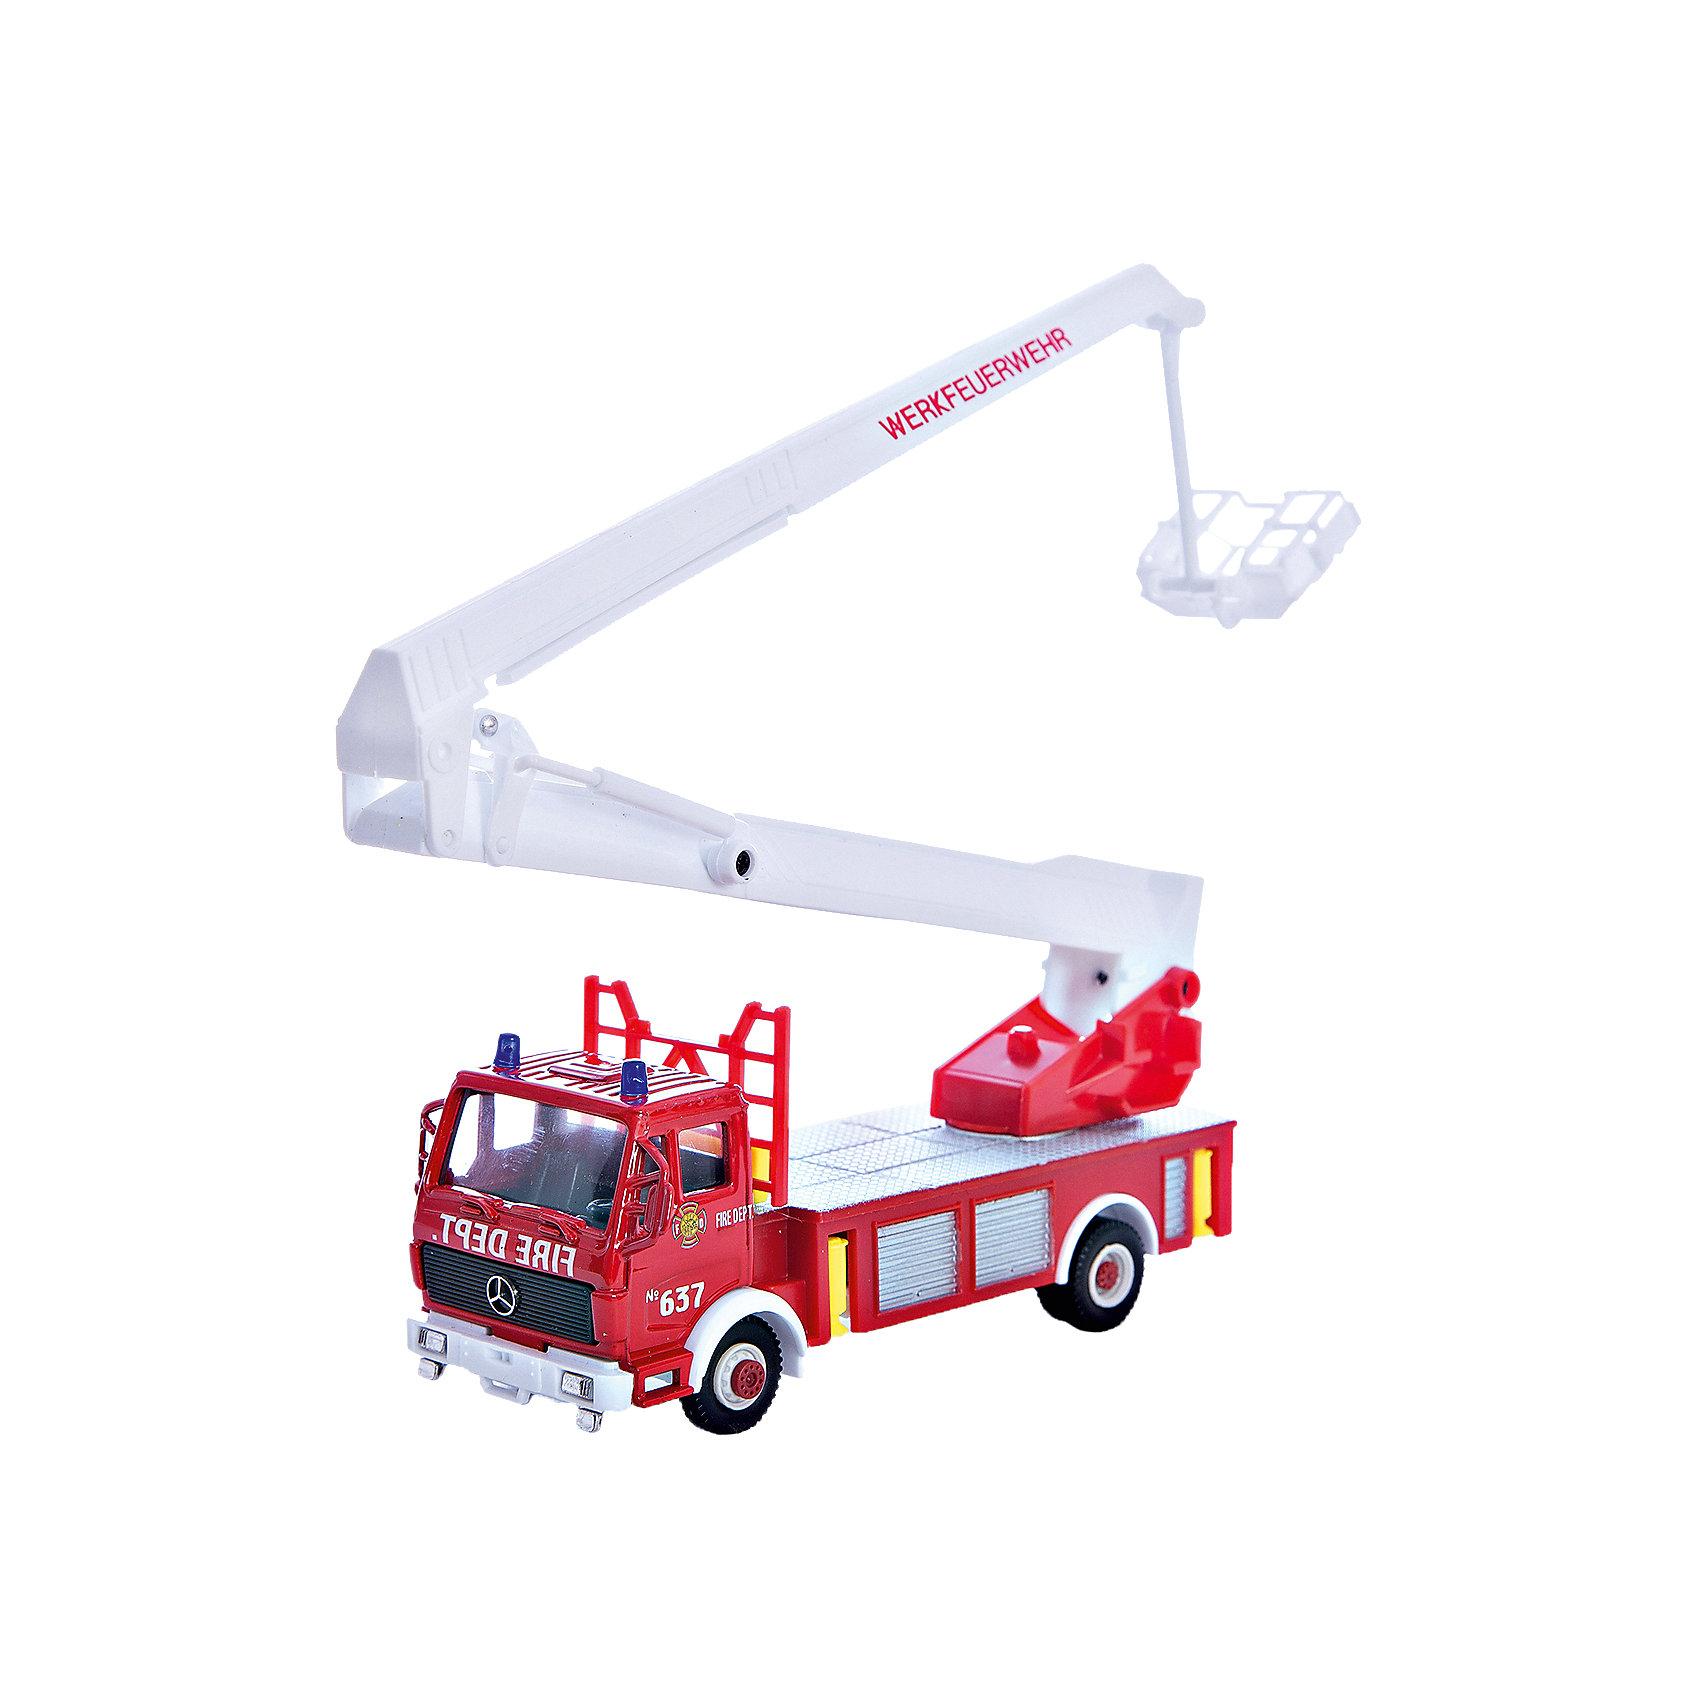 Модель машины Пожарная машина, WellyКоллекционные модели<br>Коллекционная модель машины от Welly Пожарная машина.<br><br>Ширина мм: 70<br>Глубина мм: 110<br>Высота мм: 230<br>Вес г: 227<br>Возраст от месяцев: 36<br>Возраст до месяцев: 192<br>Пол: Мужской<br>Возраст: Детский<br>SKU: 4966564